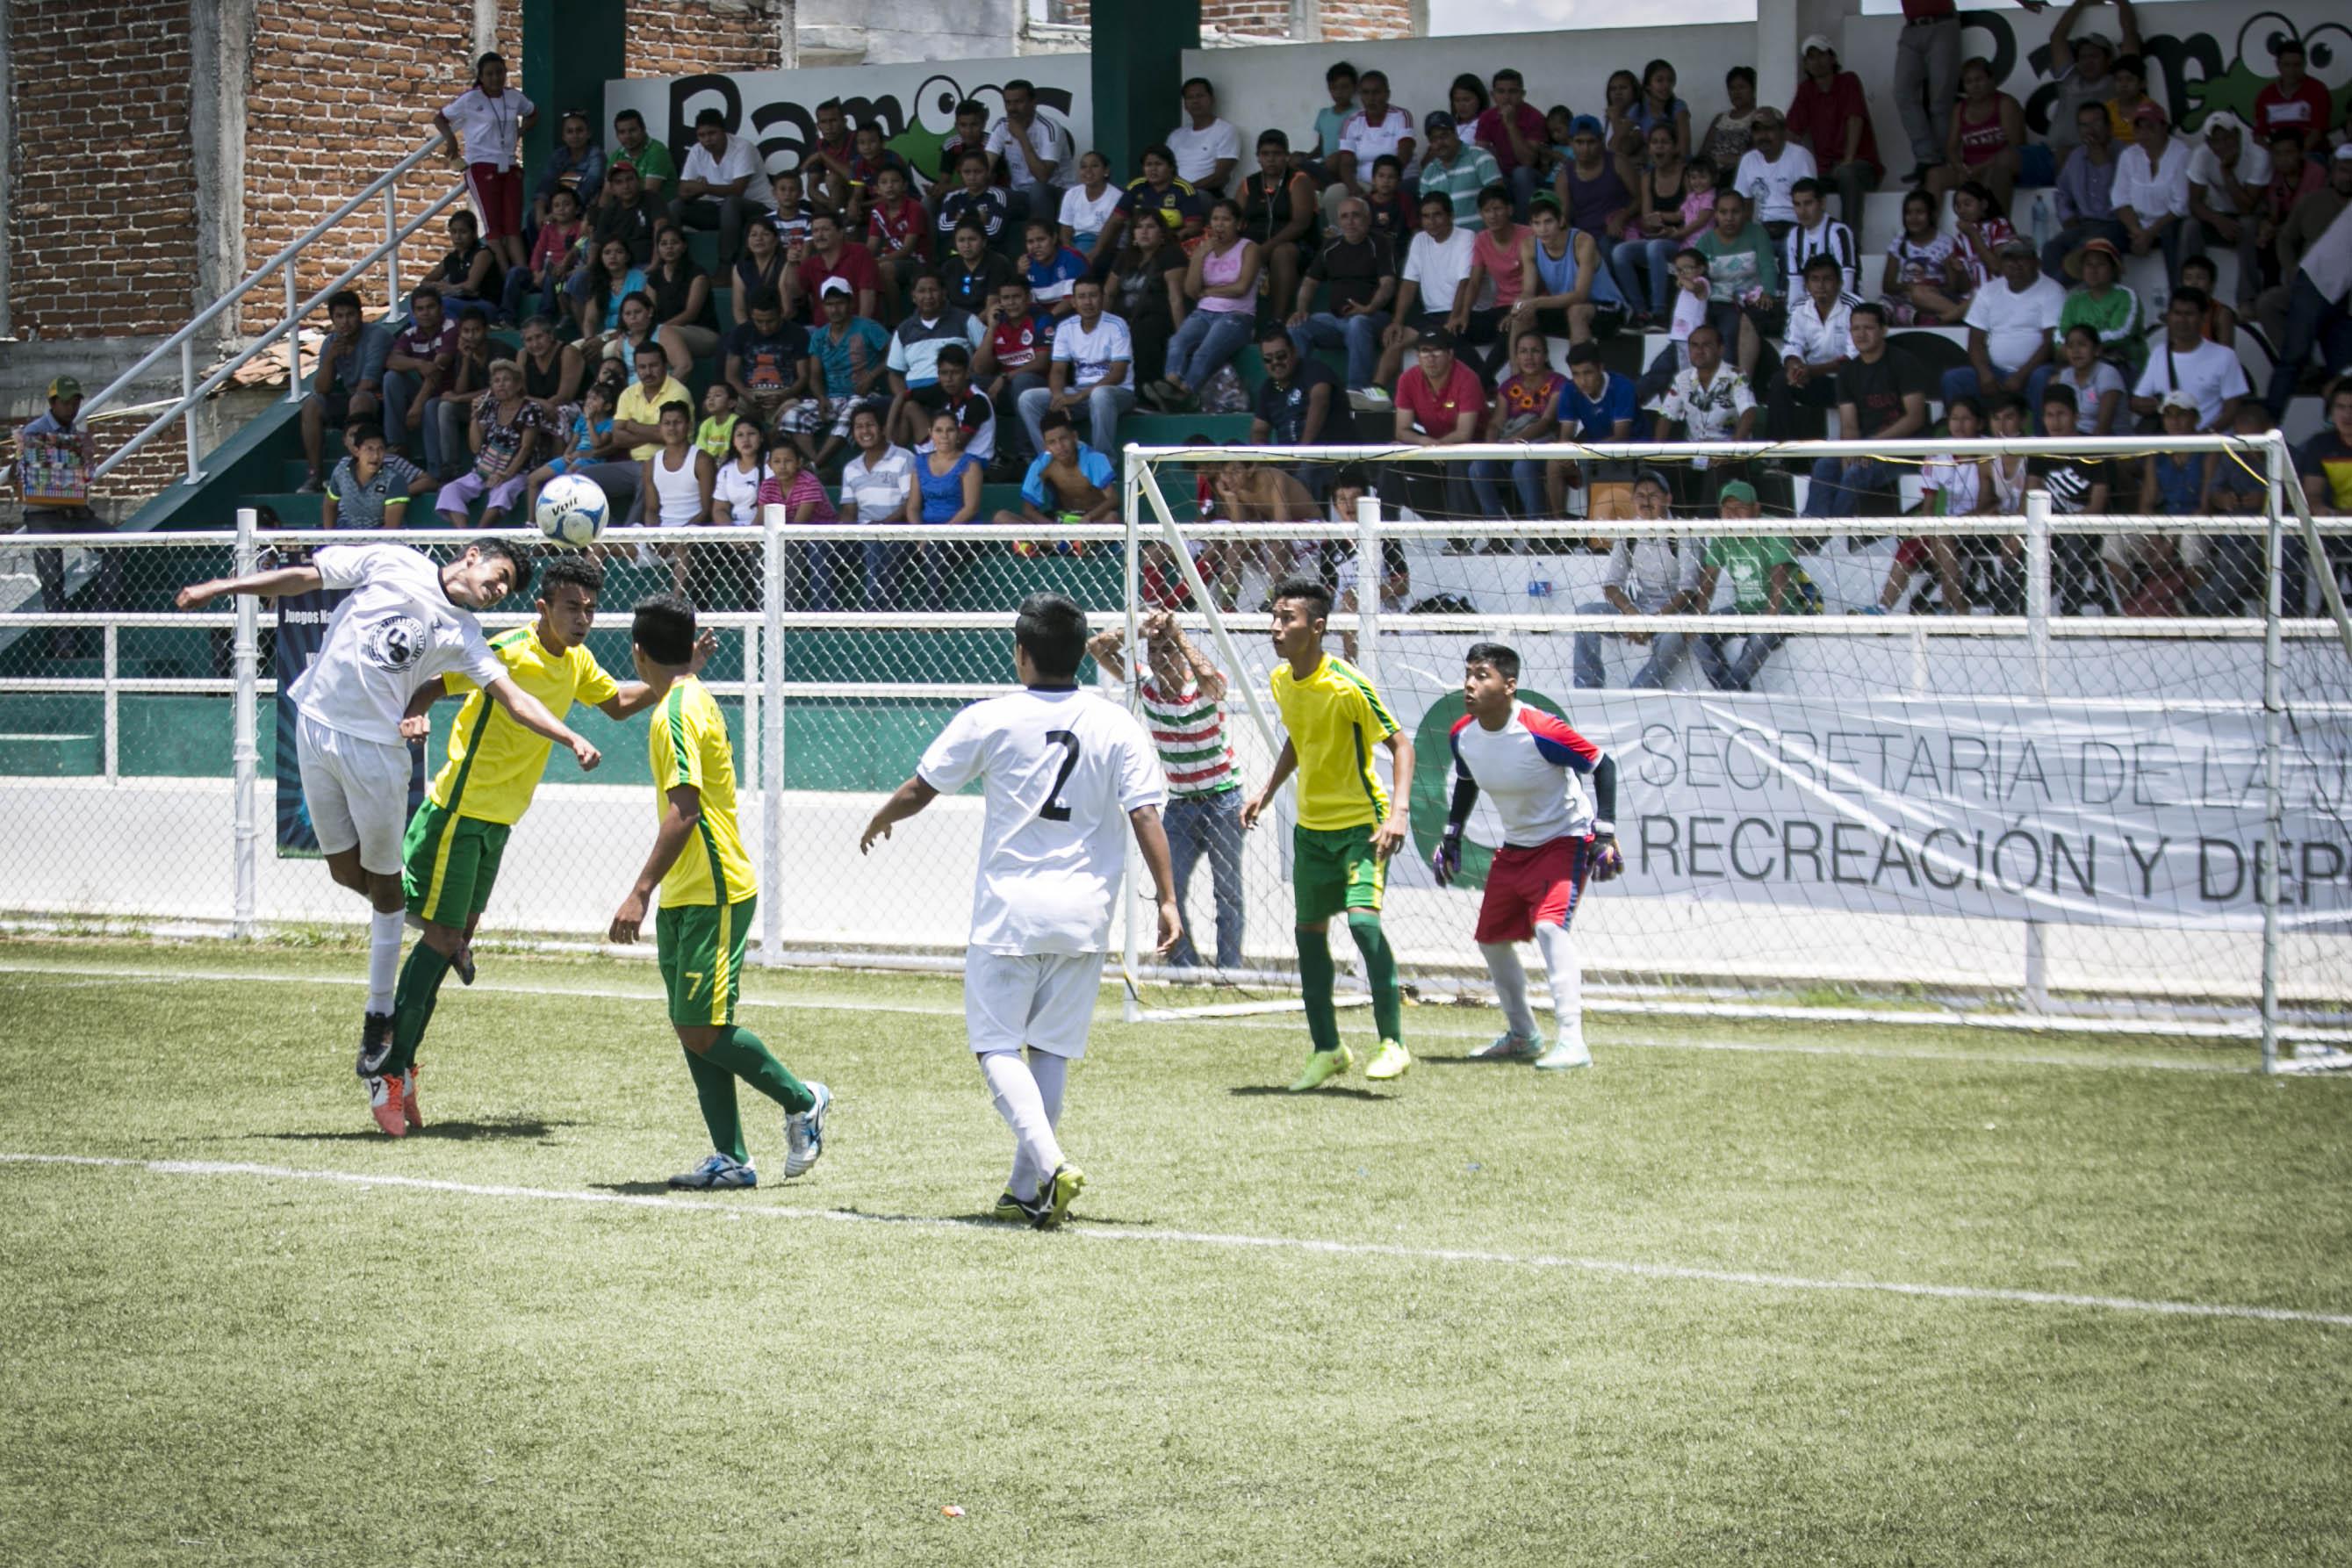 Mapastepec recibe Estatal de Juegos Populares 2017